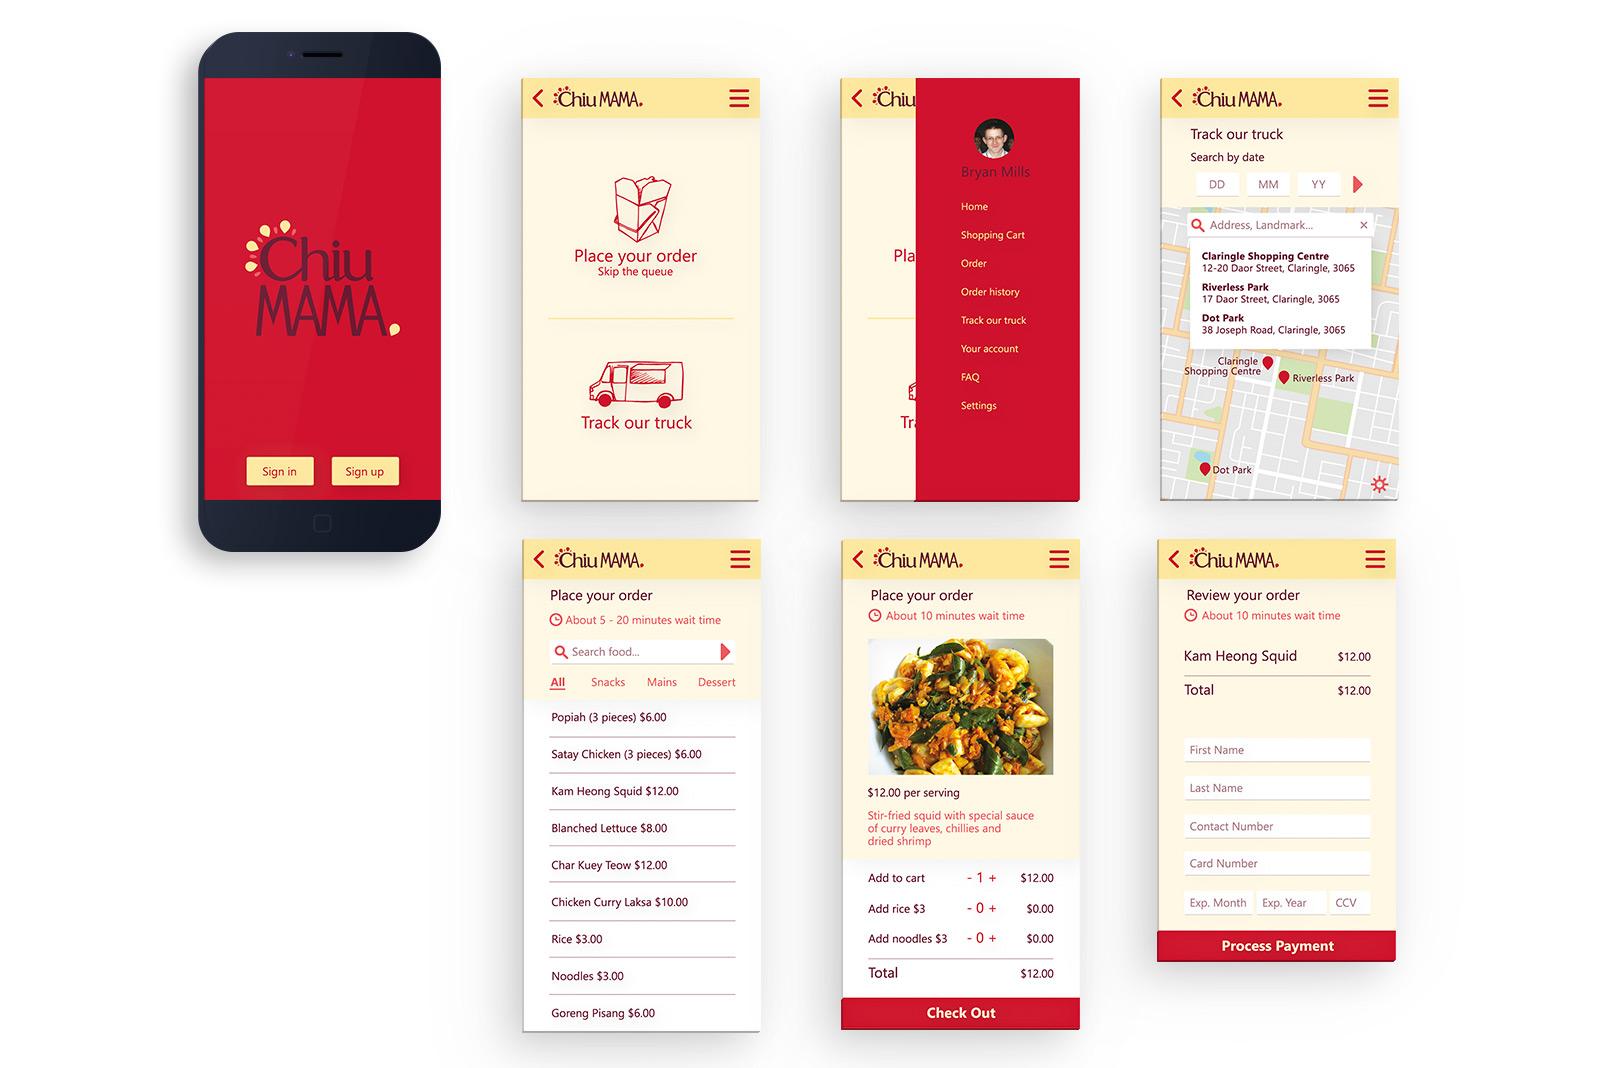 chiu-mama-app-screens-v3_geena-mcinnes.jpg